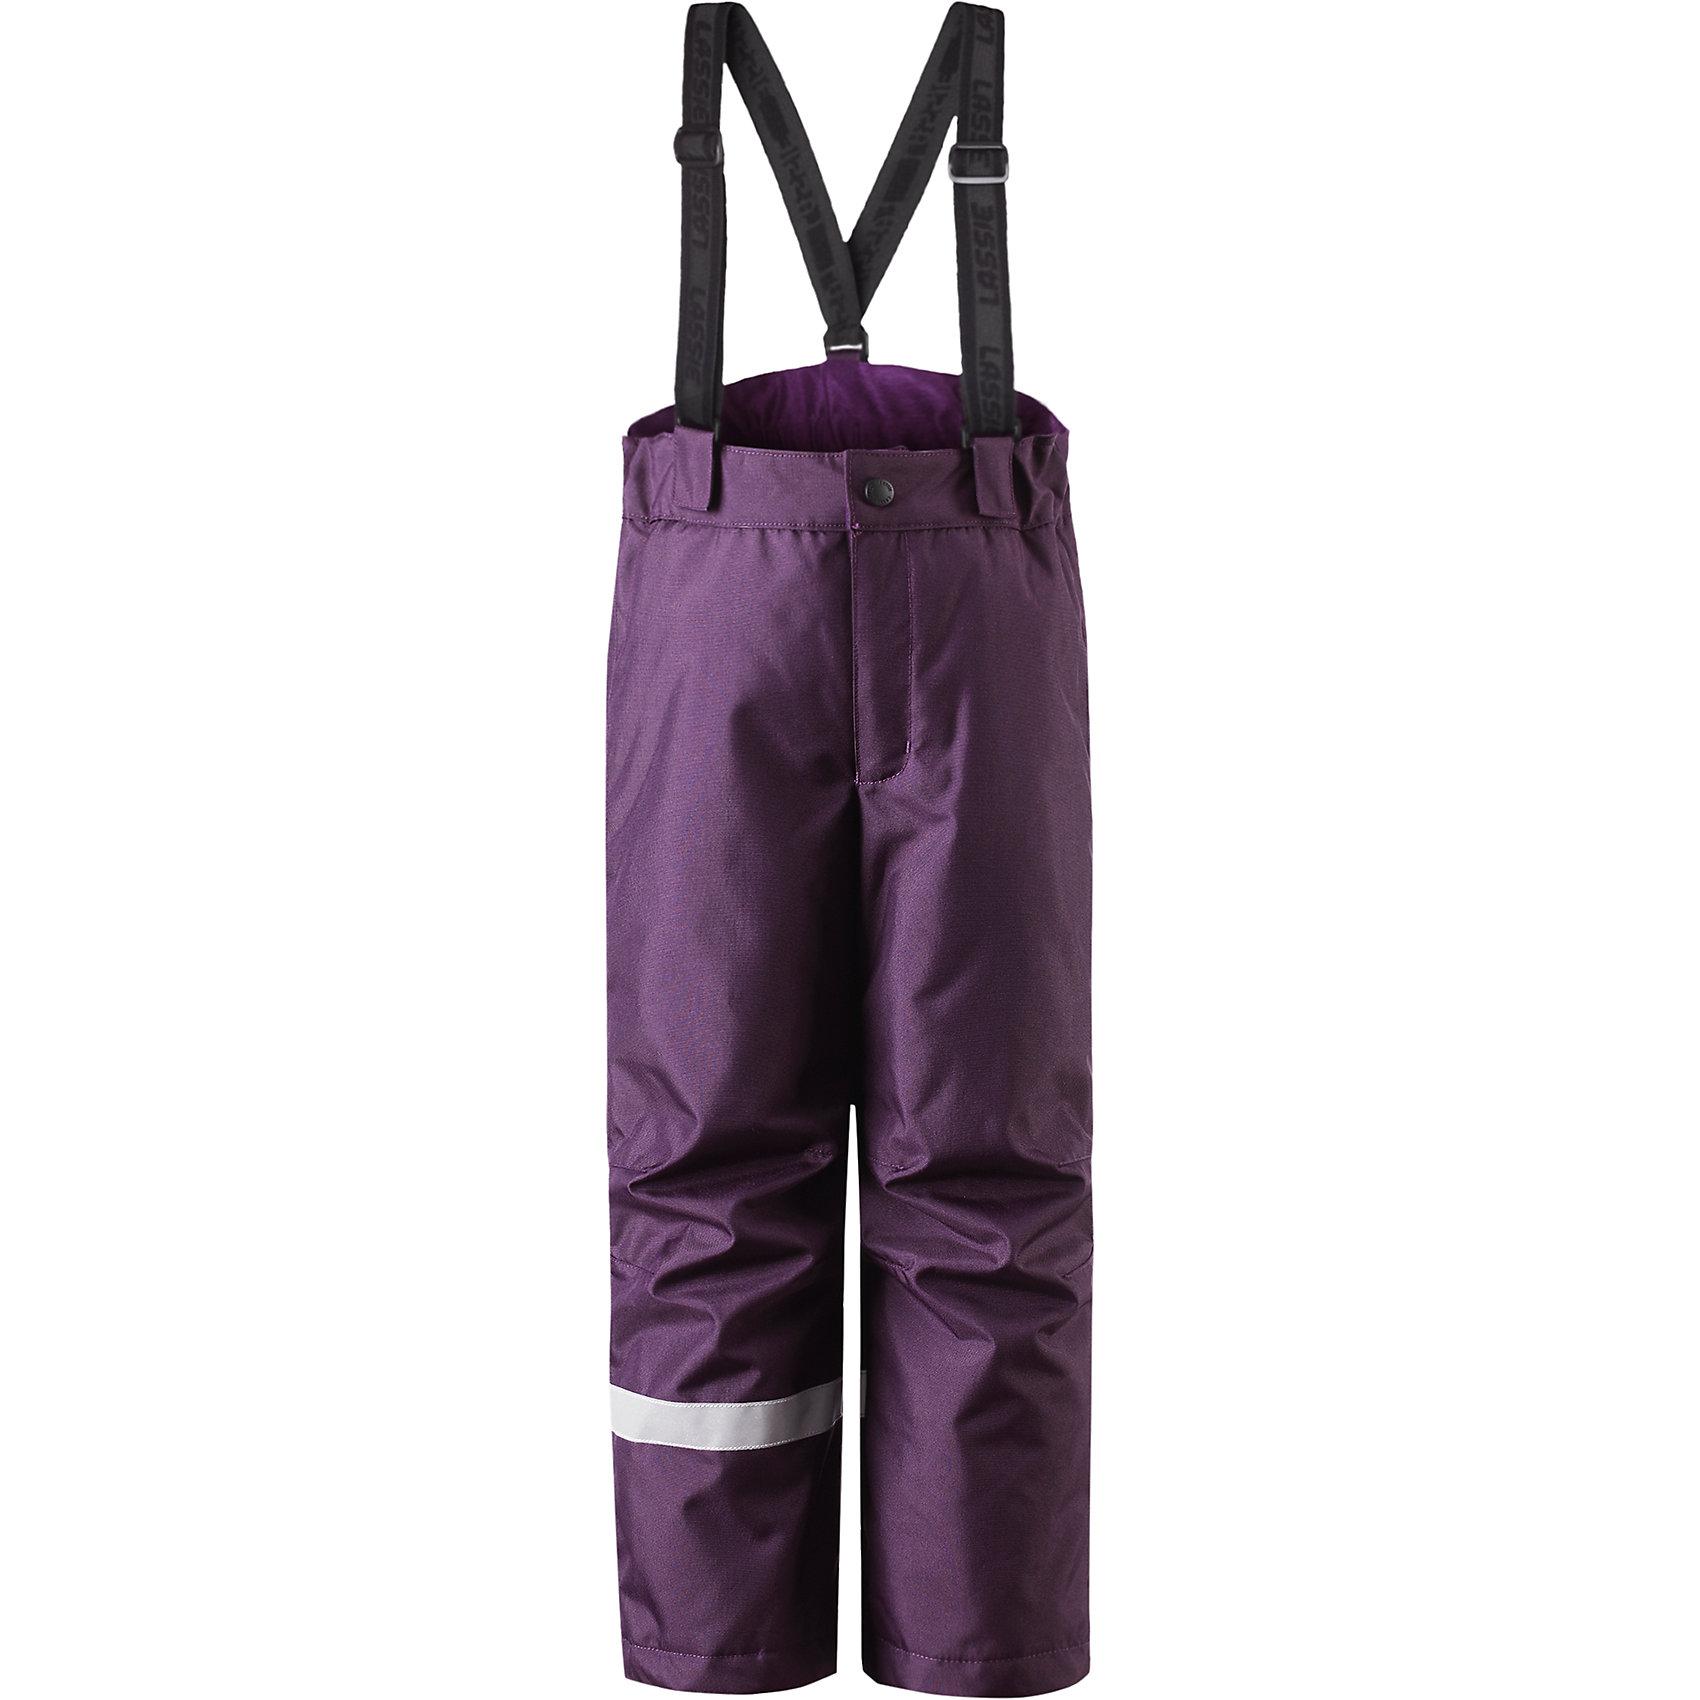 Брюки для девочки LASSIEОдежда<br>Зимние брюки для детей известной финской марки. <br><br>- Прочный материал. <br>- Водоотталкивающий, ветронепроницаемый, «дышащий» и грязеотталкивающий материал.<br>-  Задний серединный шов проклеен. свободный крой.<br>- Гладкая подкладка из полиэстра. <br>- Легкая степень утепления. <br>- Эластичный регулируемый обхват талии. <br>- Регулируемые брючины. Карманы в боковых швах.  <br><br>Рекомендации по уходу: Стирать по отдельности, вывернув наизнанку. Застегнуть молнии и липучки. Соблюдать температуру в соответствии с руководством по уходу. Стирать моющим средством, не содержащим отбеливающие вещества. Полоскать без специального средства. Сушение в сушильном шкафу разрешено при  низкой температуре.<br><br>Состав: 100% Полиамид, полиуретановое покрытие.  Утеплитель «Lassie wadding» 100гр.<br><br>Ширина мм: 215<br>Глубина мм: 88<br>Высота мм: 191<br>Вес г: 336<br>Цвет: фиолетовый<br>Возраст от месяцев: 18<br>Возраст до месяцев: 24<br>Пол: Женский<br>Возраст: Детский<br>Размер: 92,140,98,104,110,116,122,128,134<br>SKU: 4781896